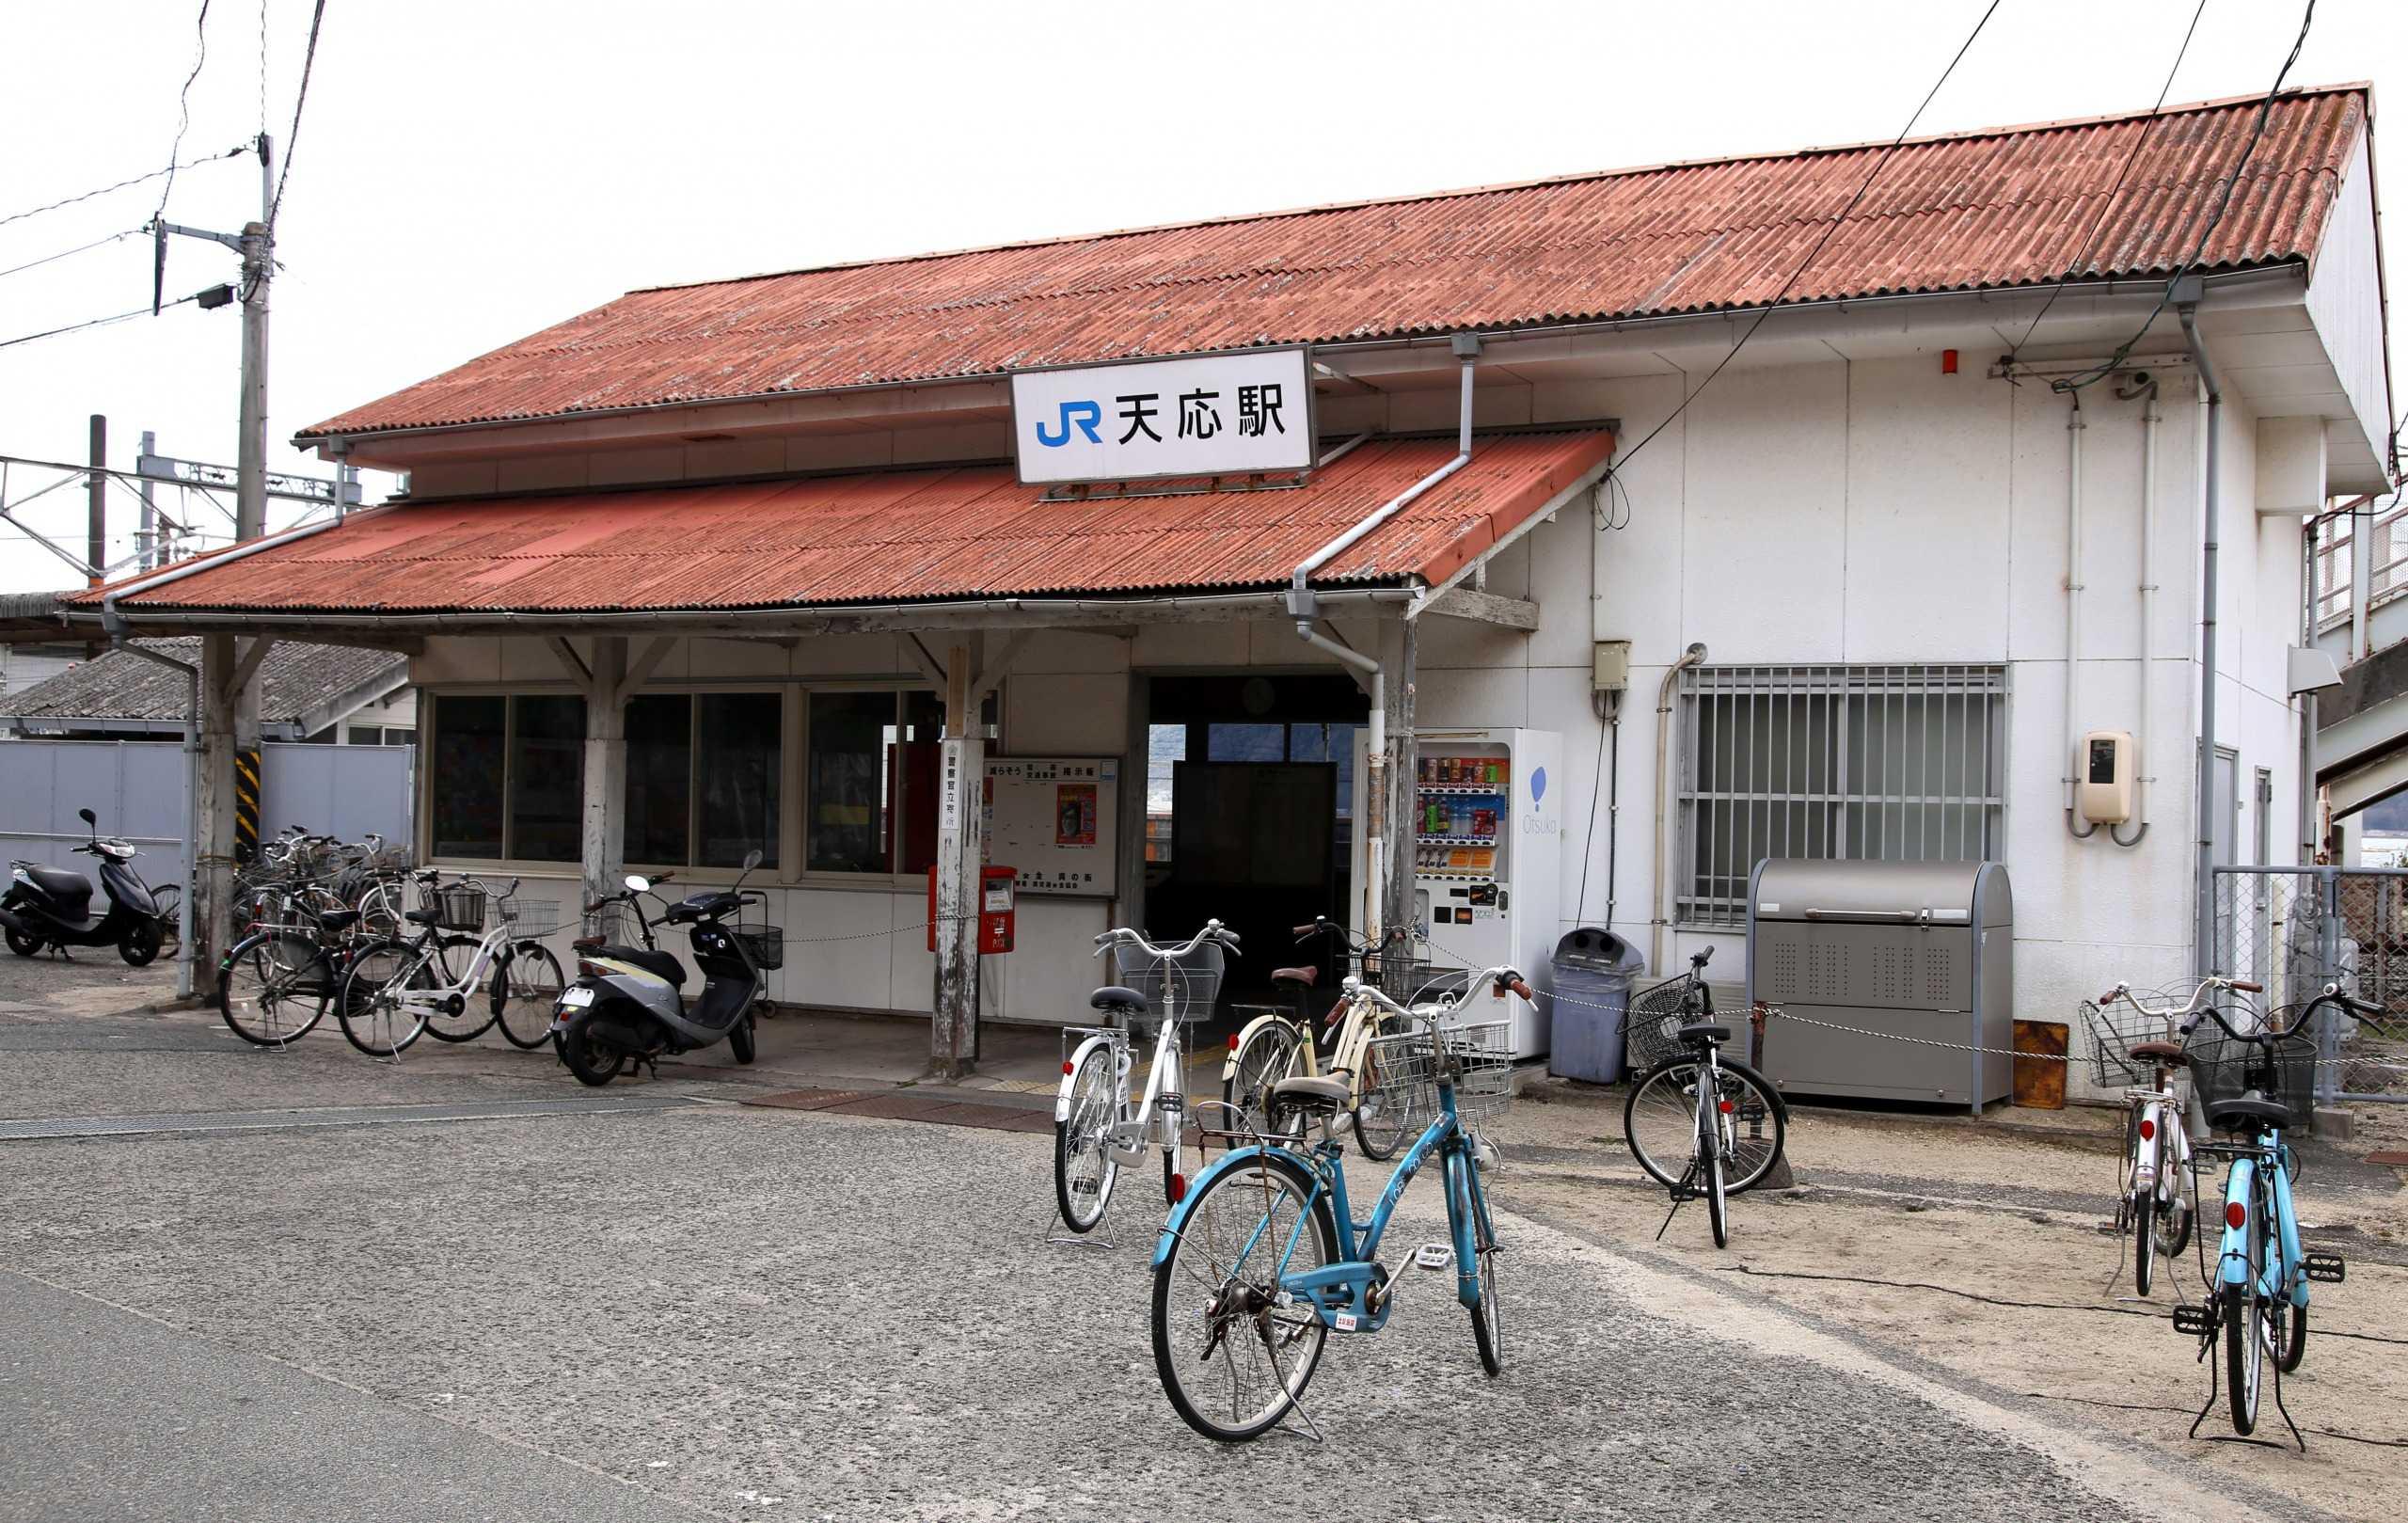 天応駅(広島) - 銅 爺